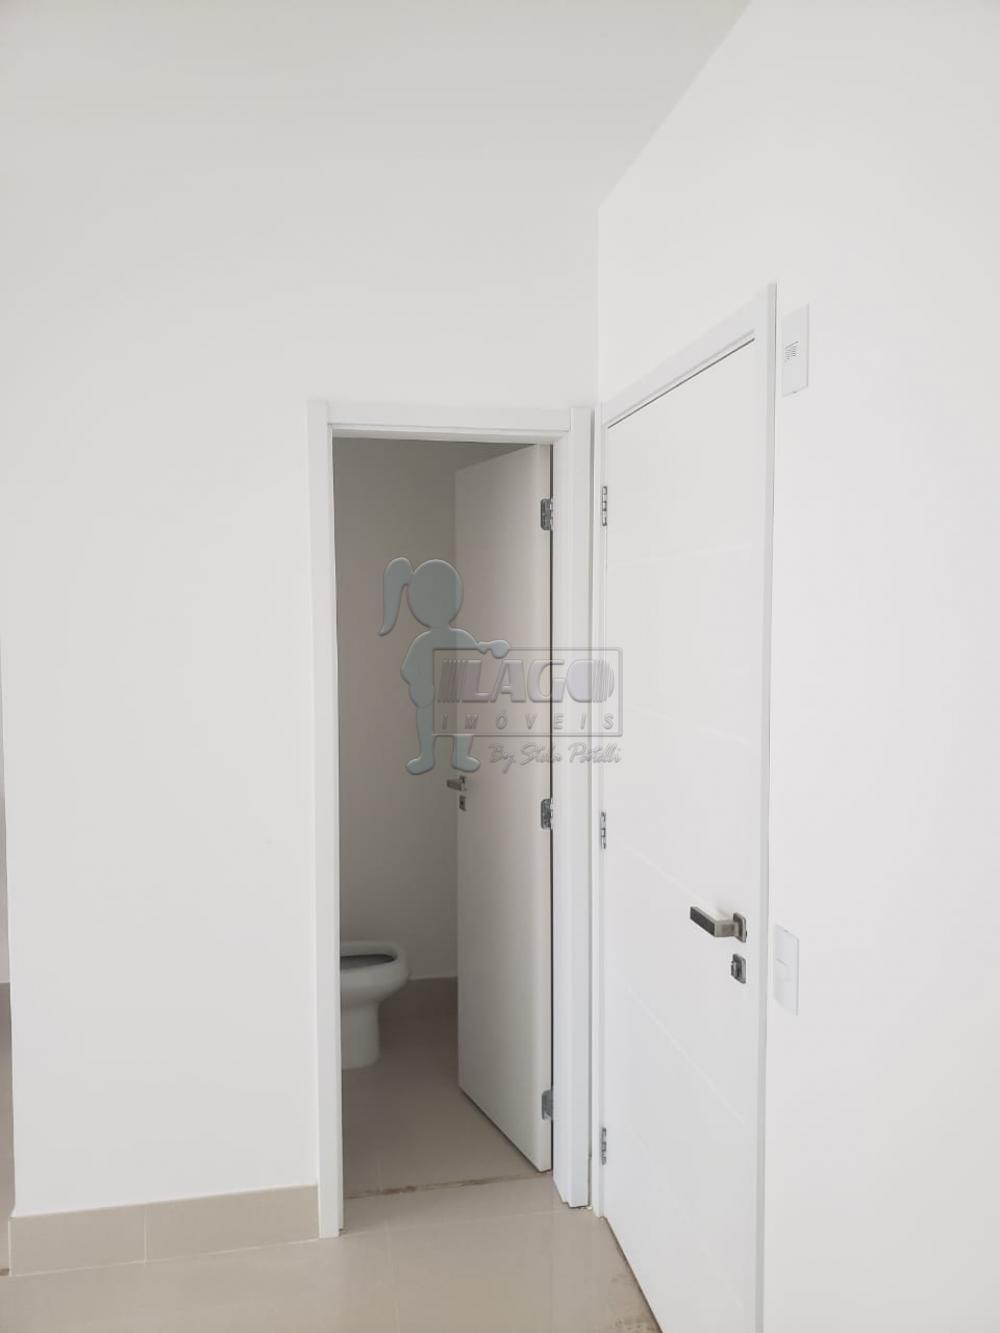 Comprar Apartamento / Padrão em Ribeirão Preto apenas R$ 542.000,00 - Foto 8